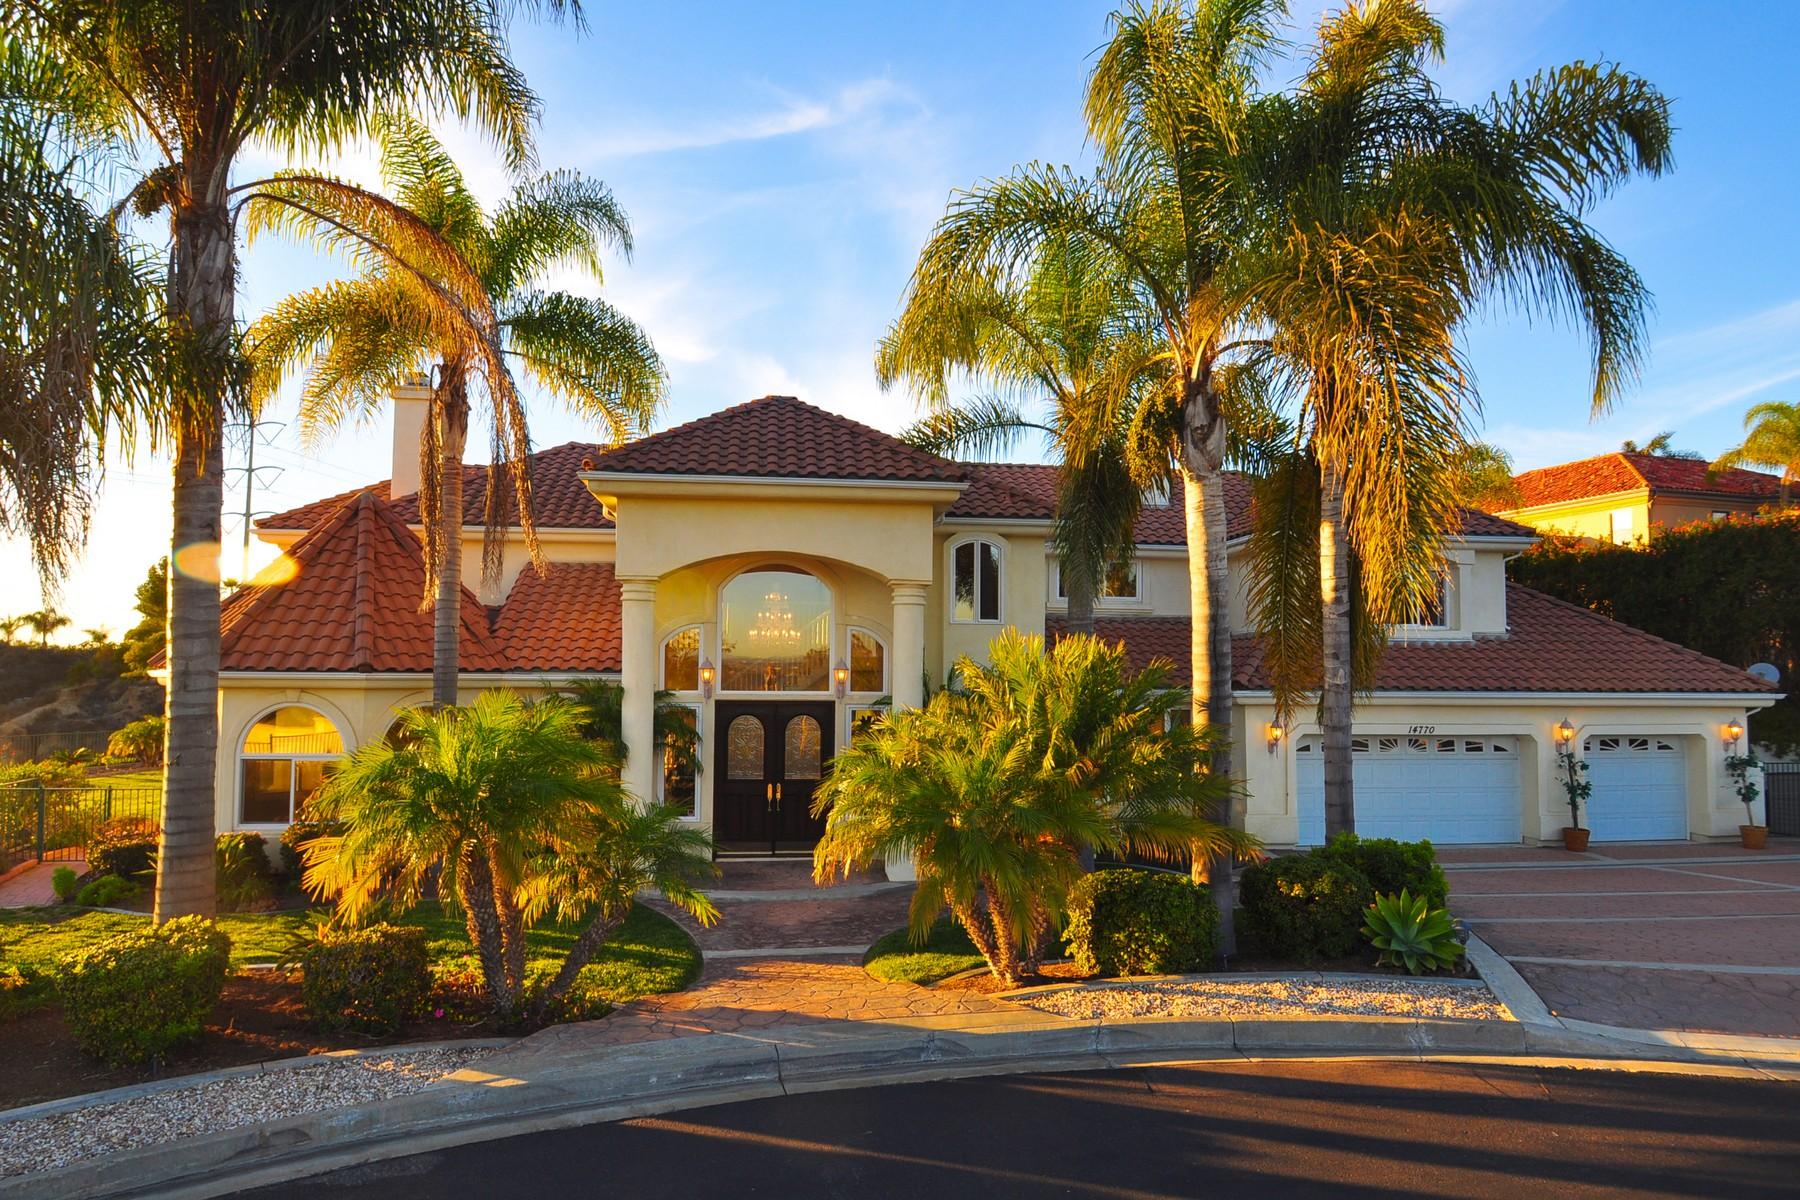 Single Family Home for Sale at 14770 Caminito Lorren Del Mar, California, 92014 United States